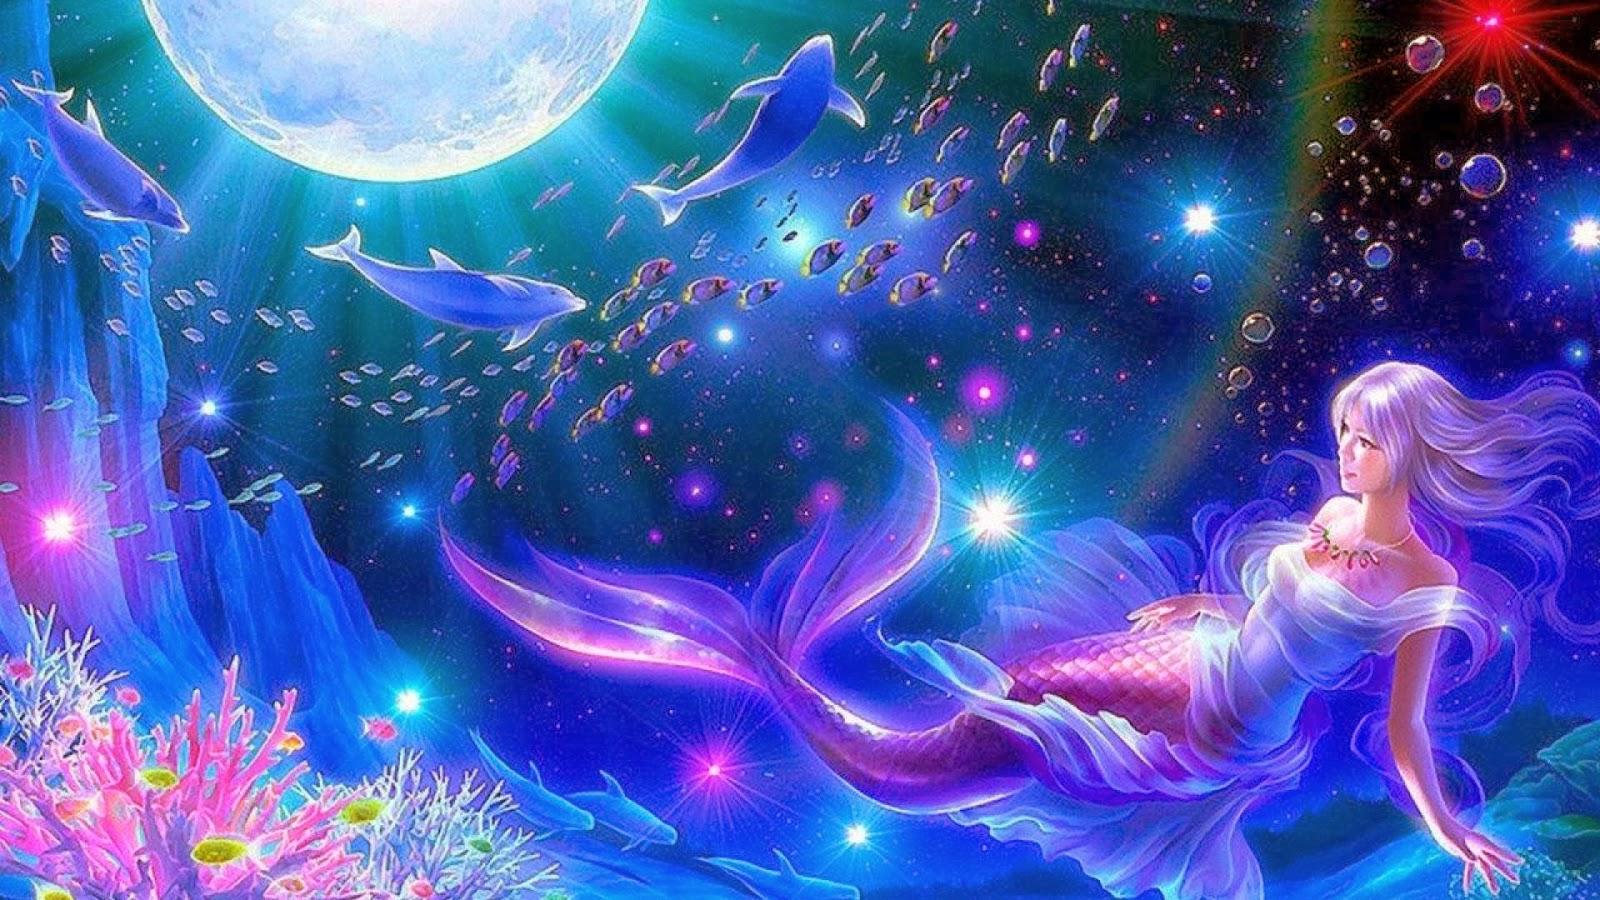 48+ Beautiful Mermaid Wallpaper on WallpaperSafari